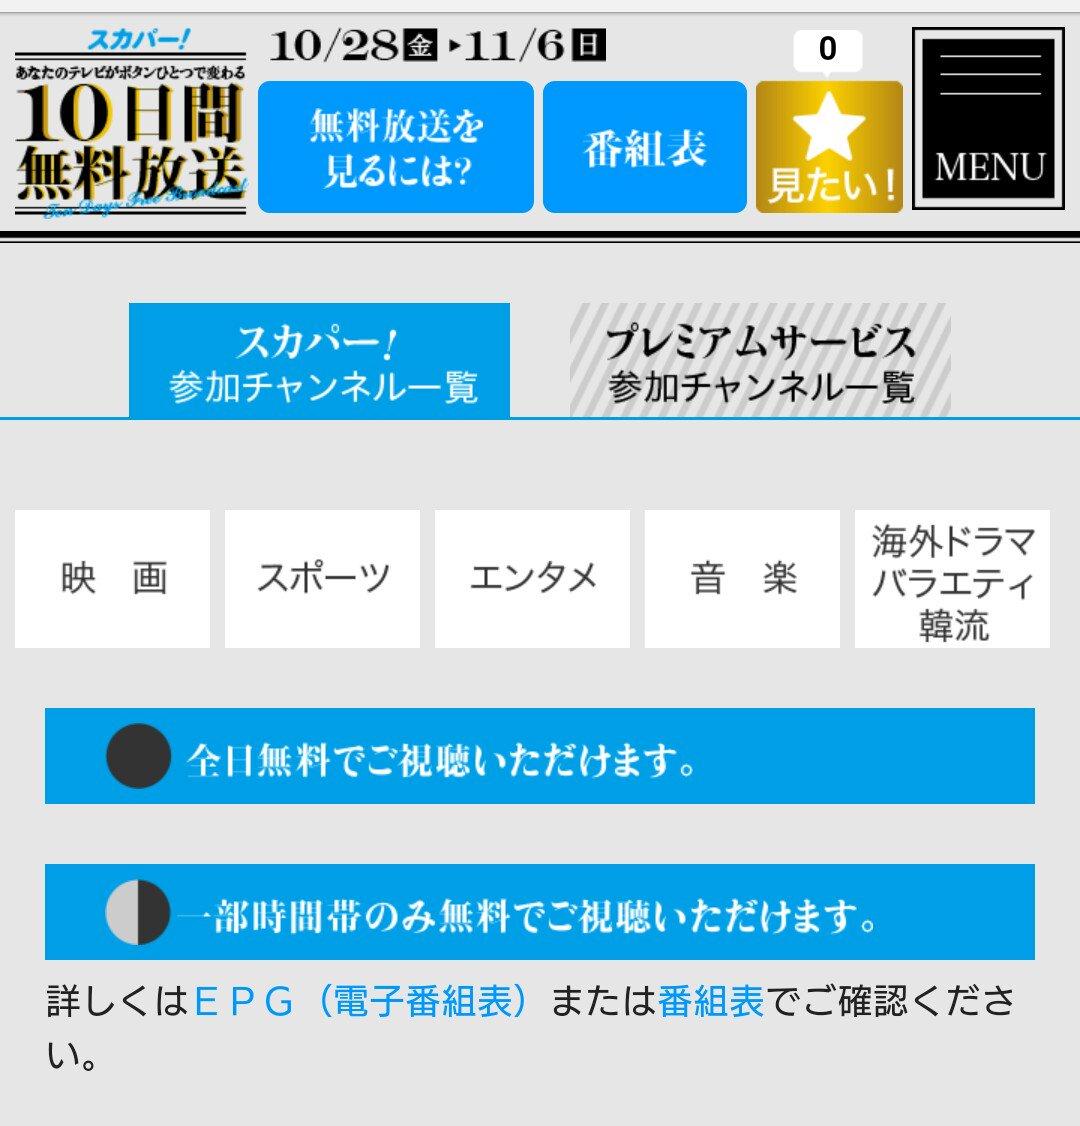 皆さん☆今年のスカパー!10日間無料放送はもうチェックされましたか?スカステも参加し、全日無料で視聴可能だそうです!!月